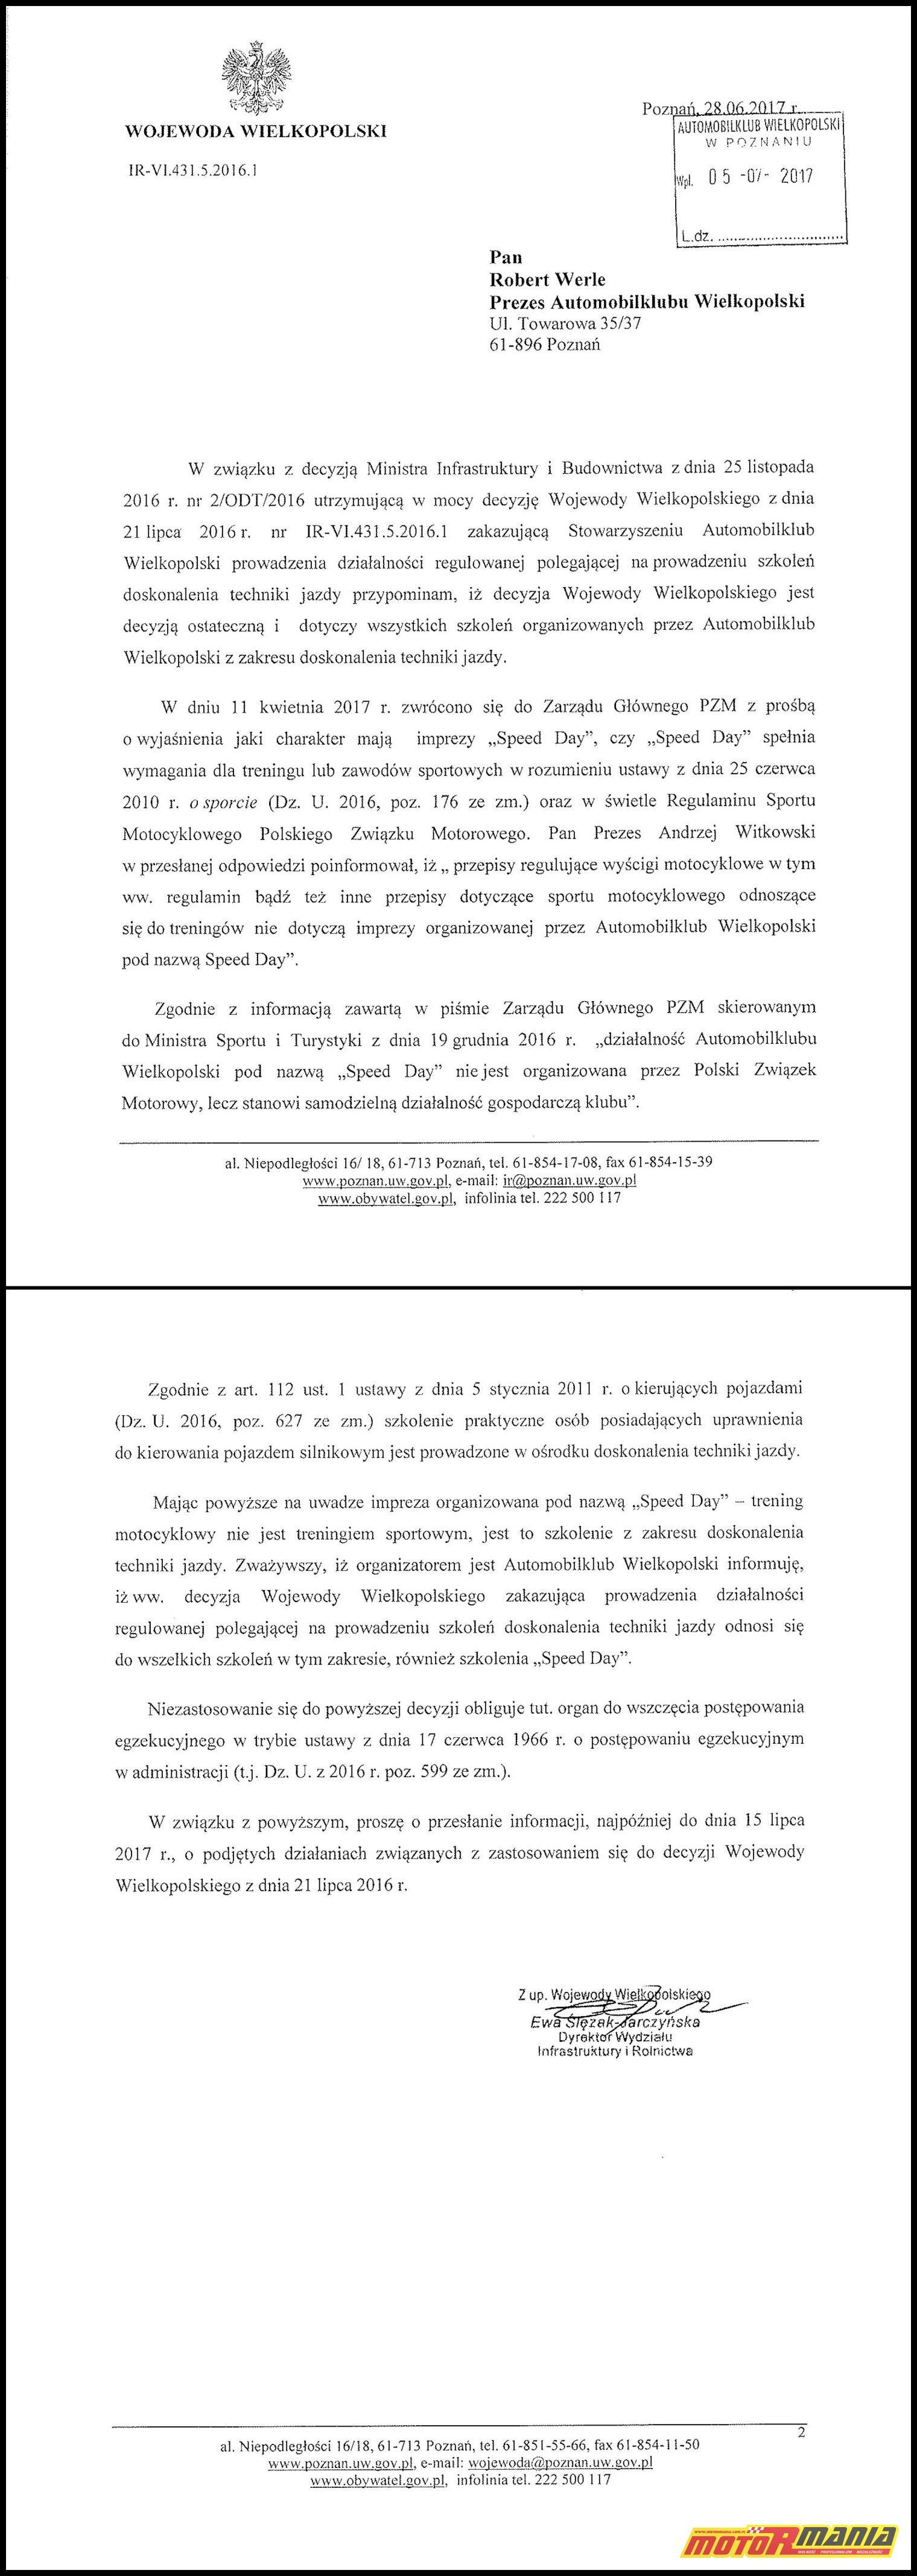 Pismo Wojewody Wielkopolskiego ws Speed Day -lowres